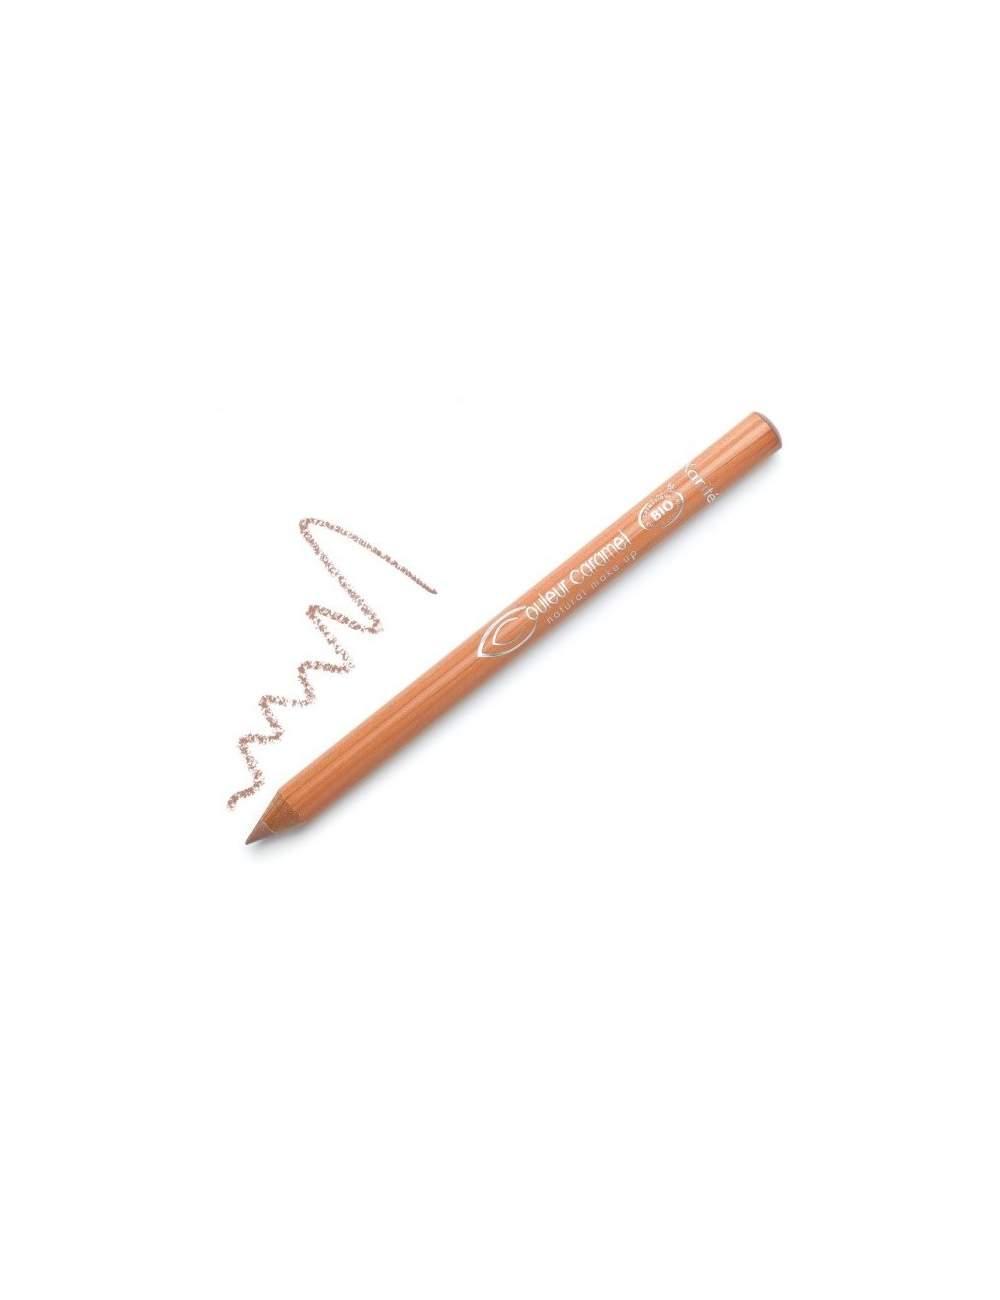 Crayon pour des Yeux et Lèvres Bio 111 Beige. Couleur Caramel